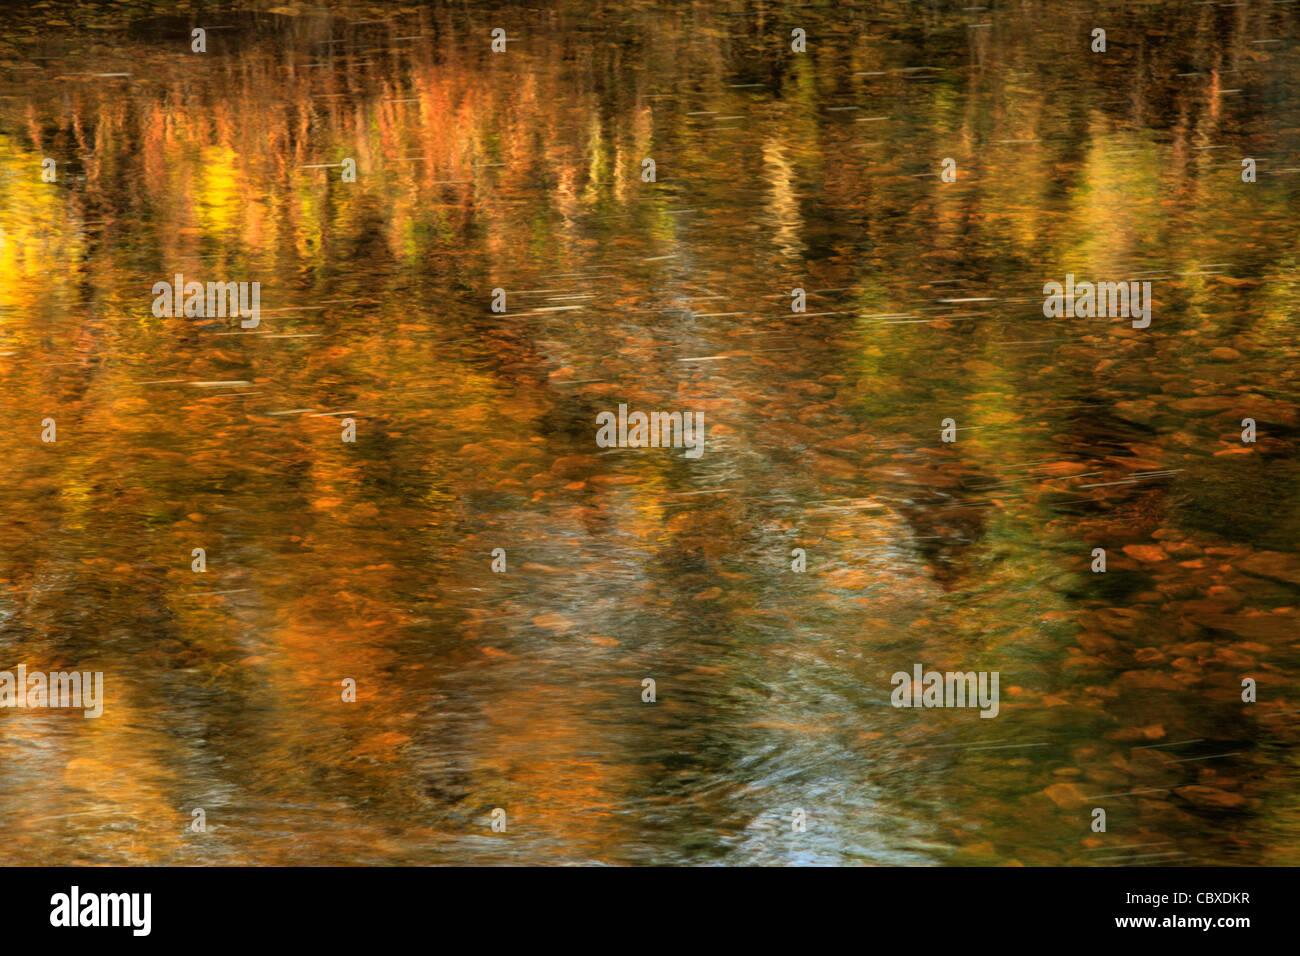 Resumen de bellos colores del otoño se refleja en el río Skirfare en Arncliffe, Littondale, Yorkshire, Imagen De Stock